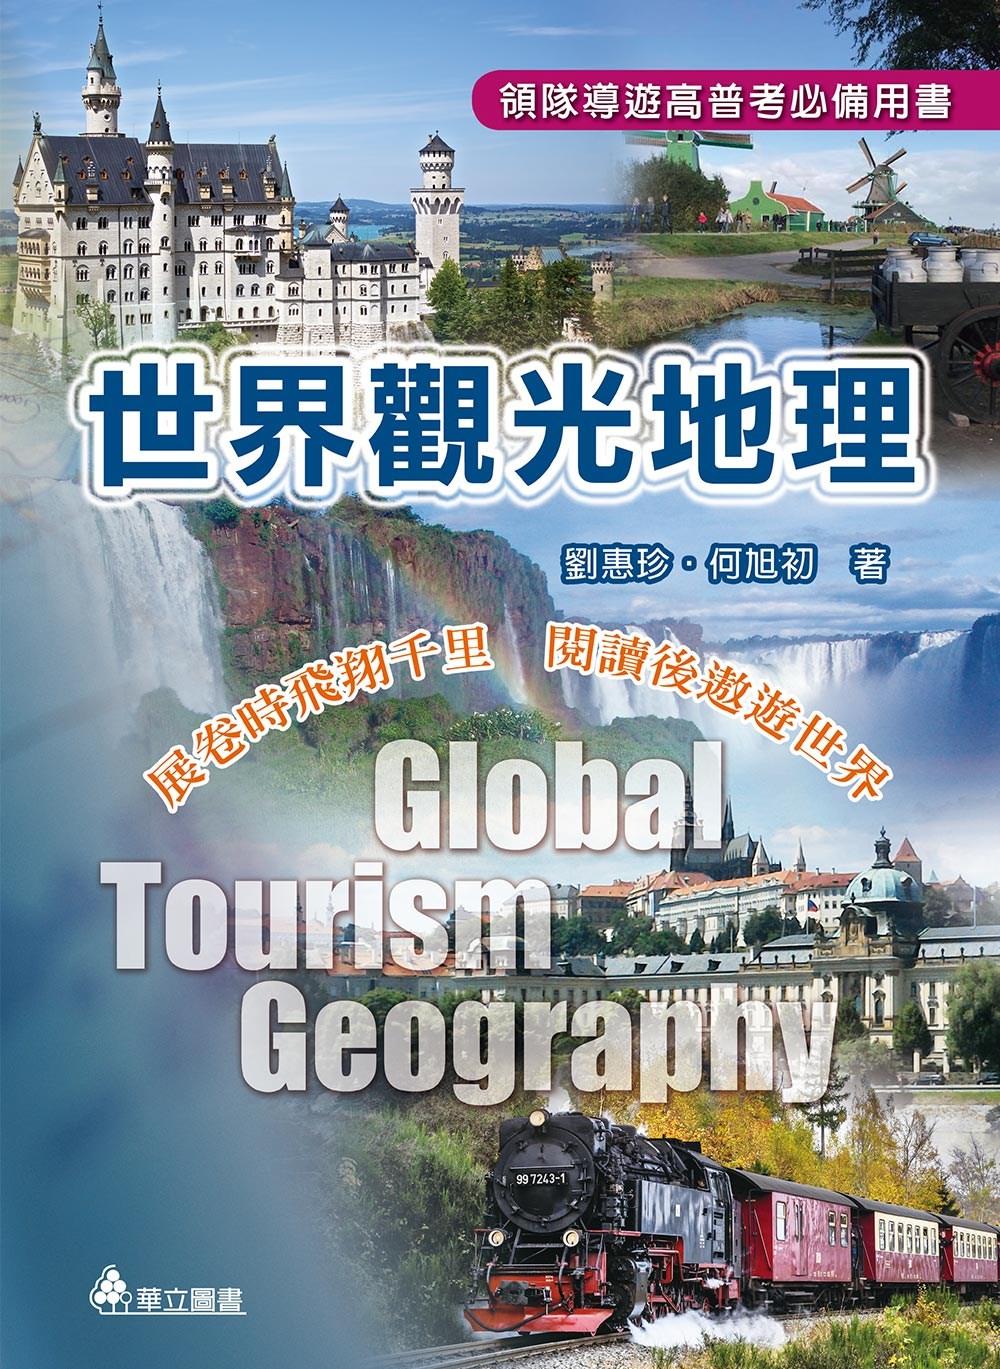 世界觀光地理(二版):展卷時飛翔千里、閱讀後遨遊世界